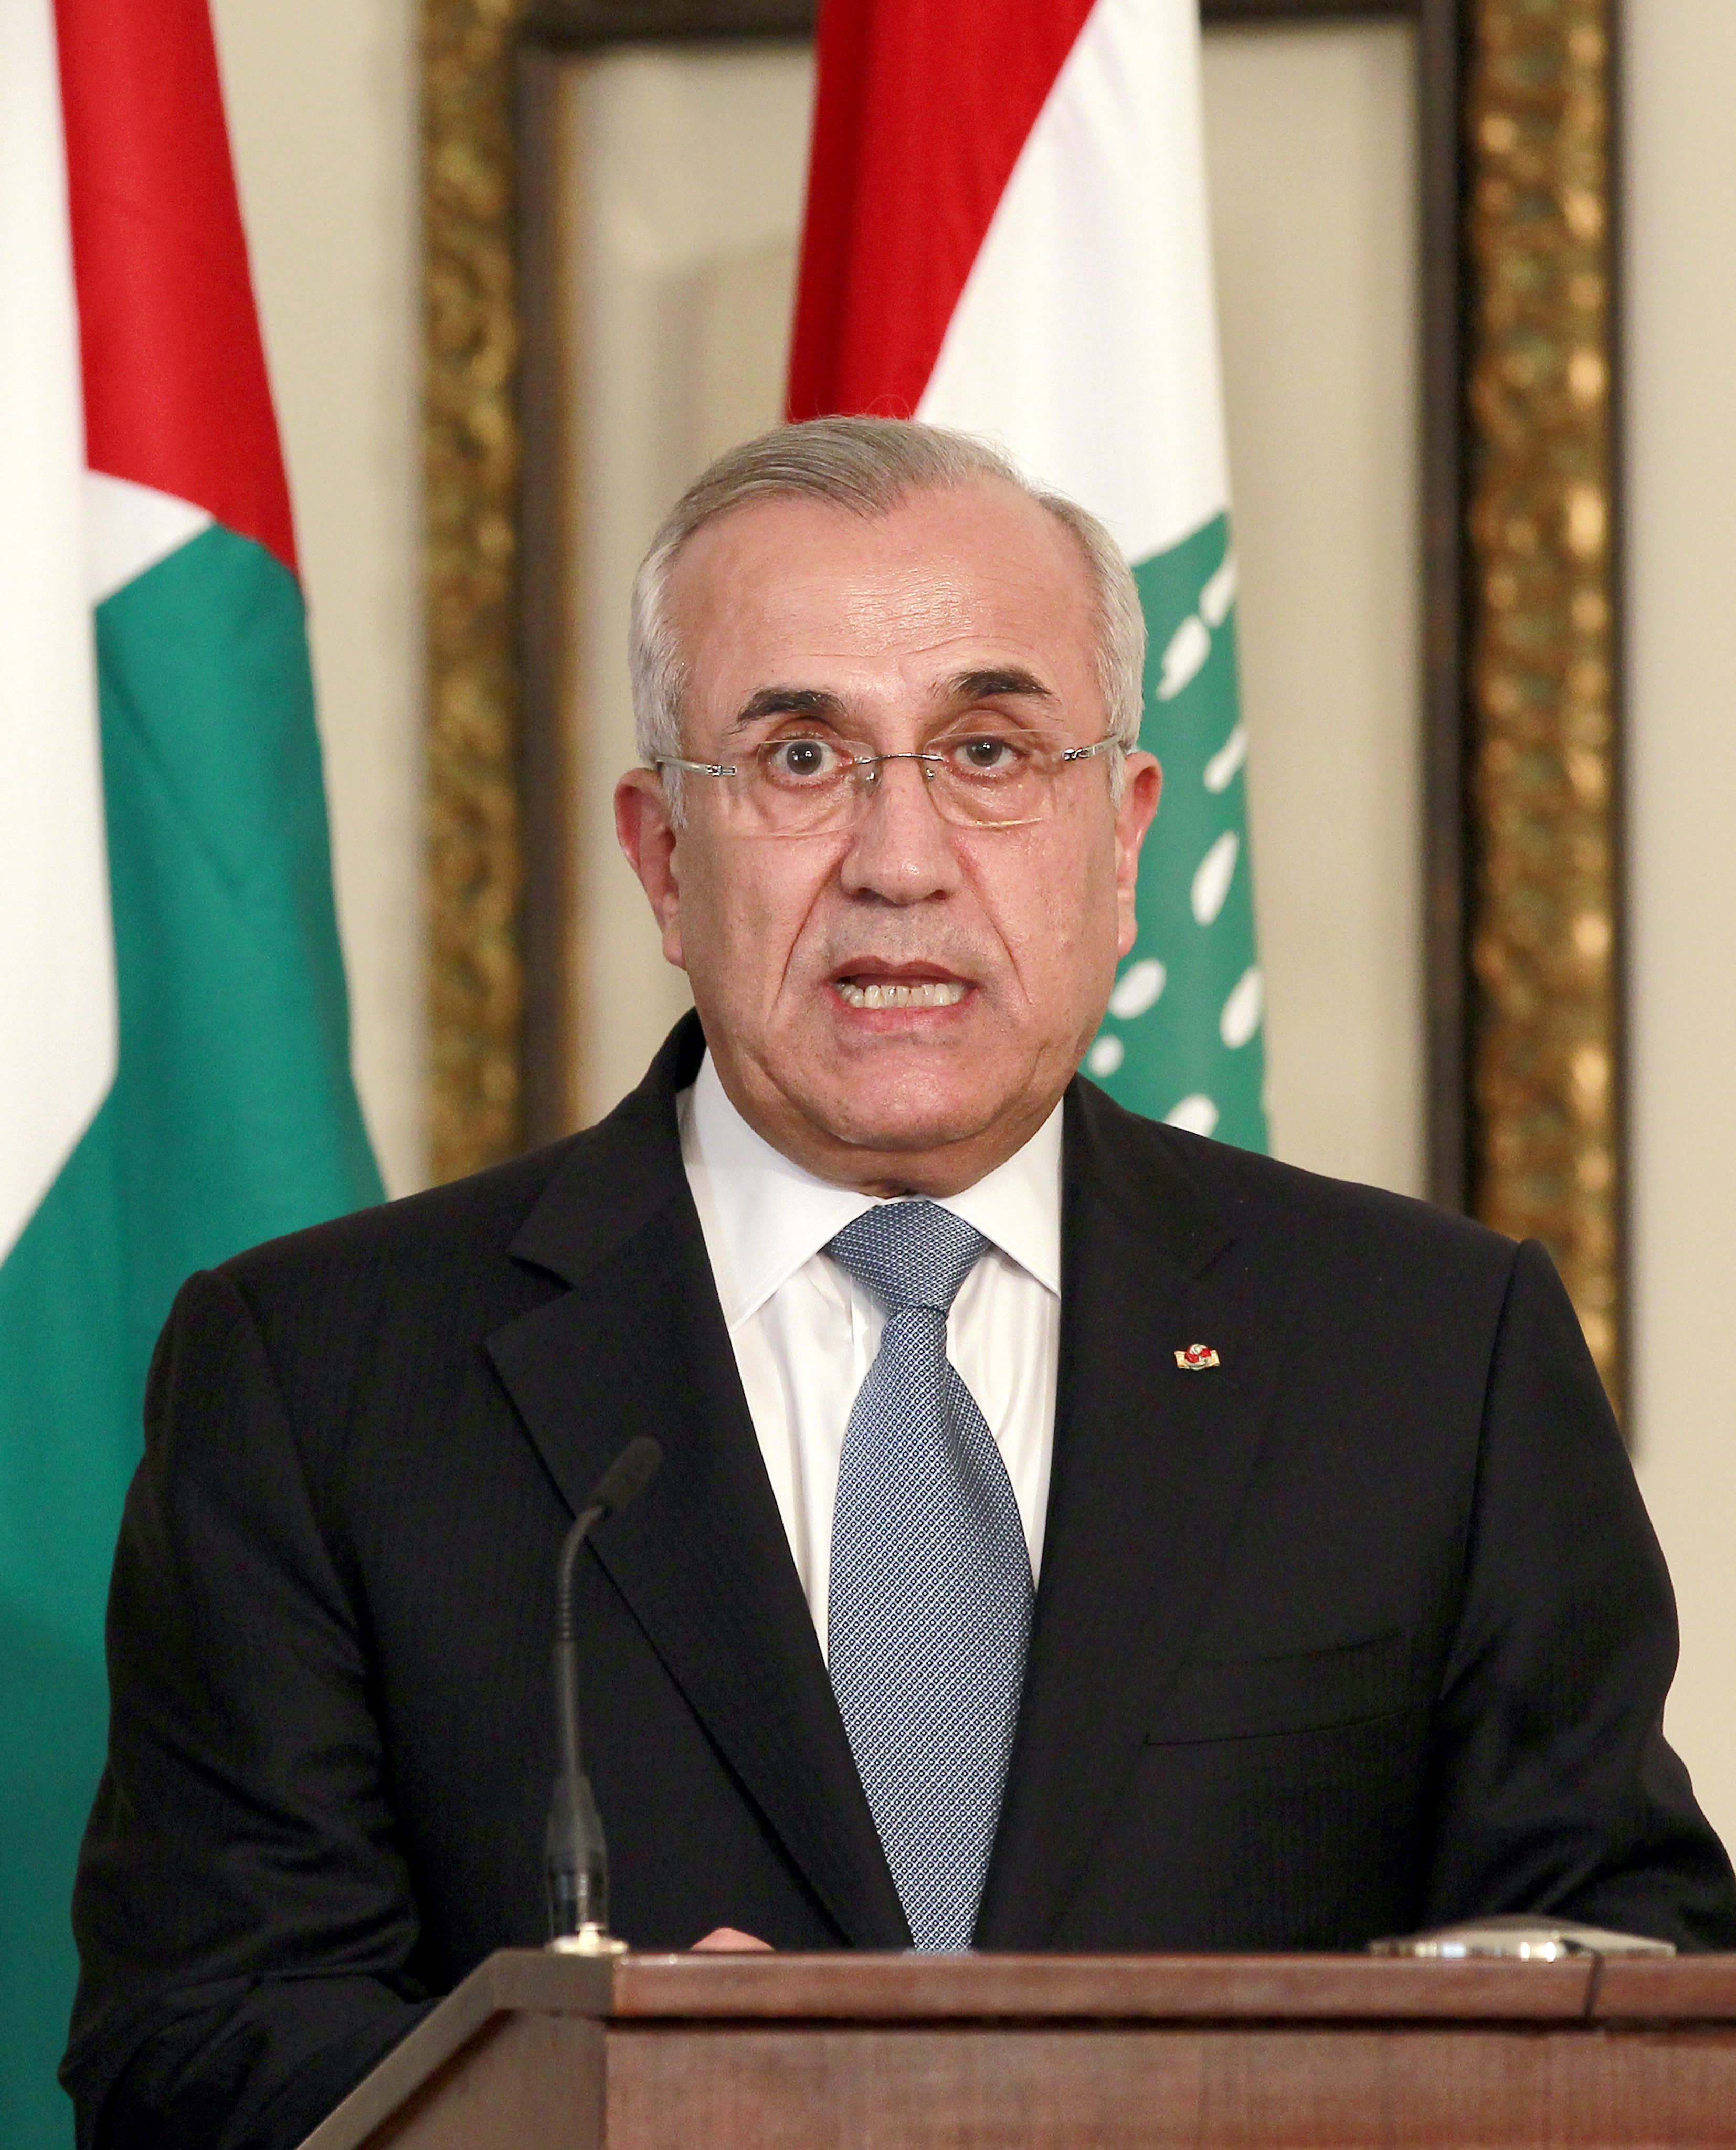 El presidente libanés rechaza una intervención militar en Siria y aboga por el diálogo